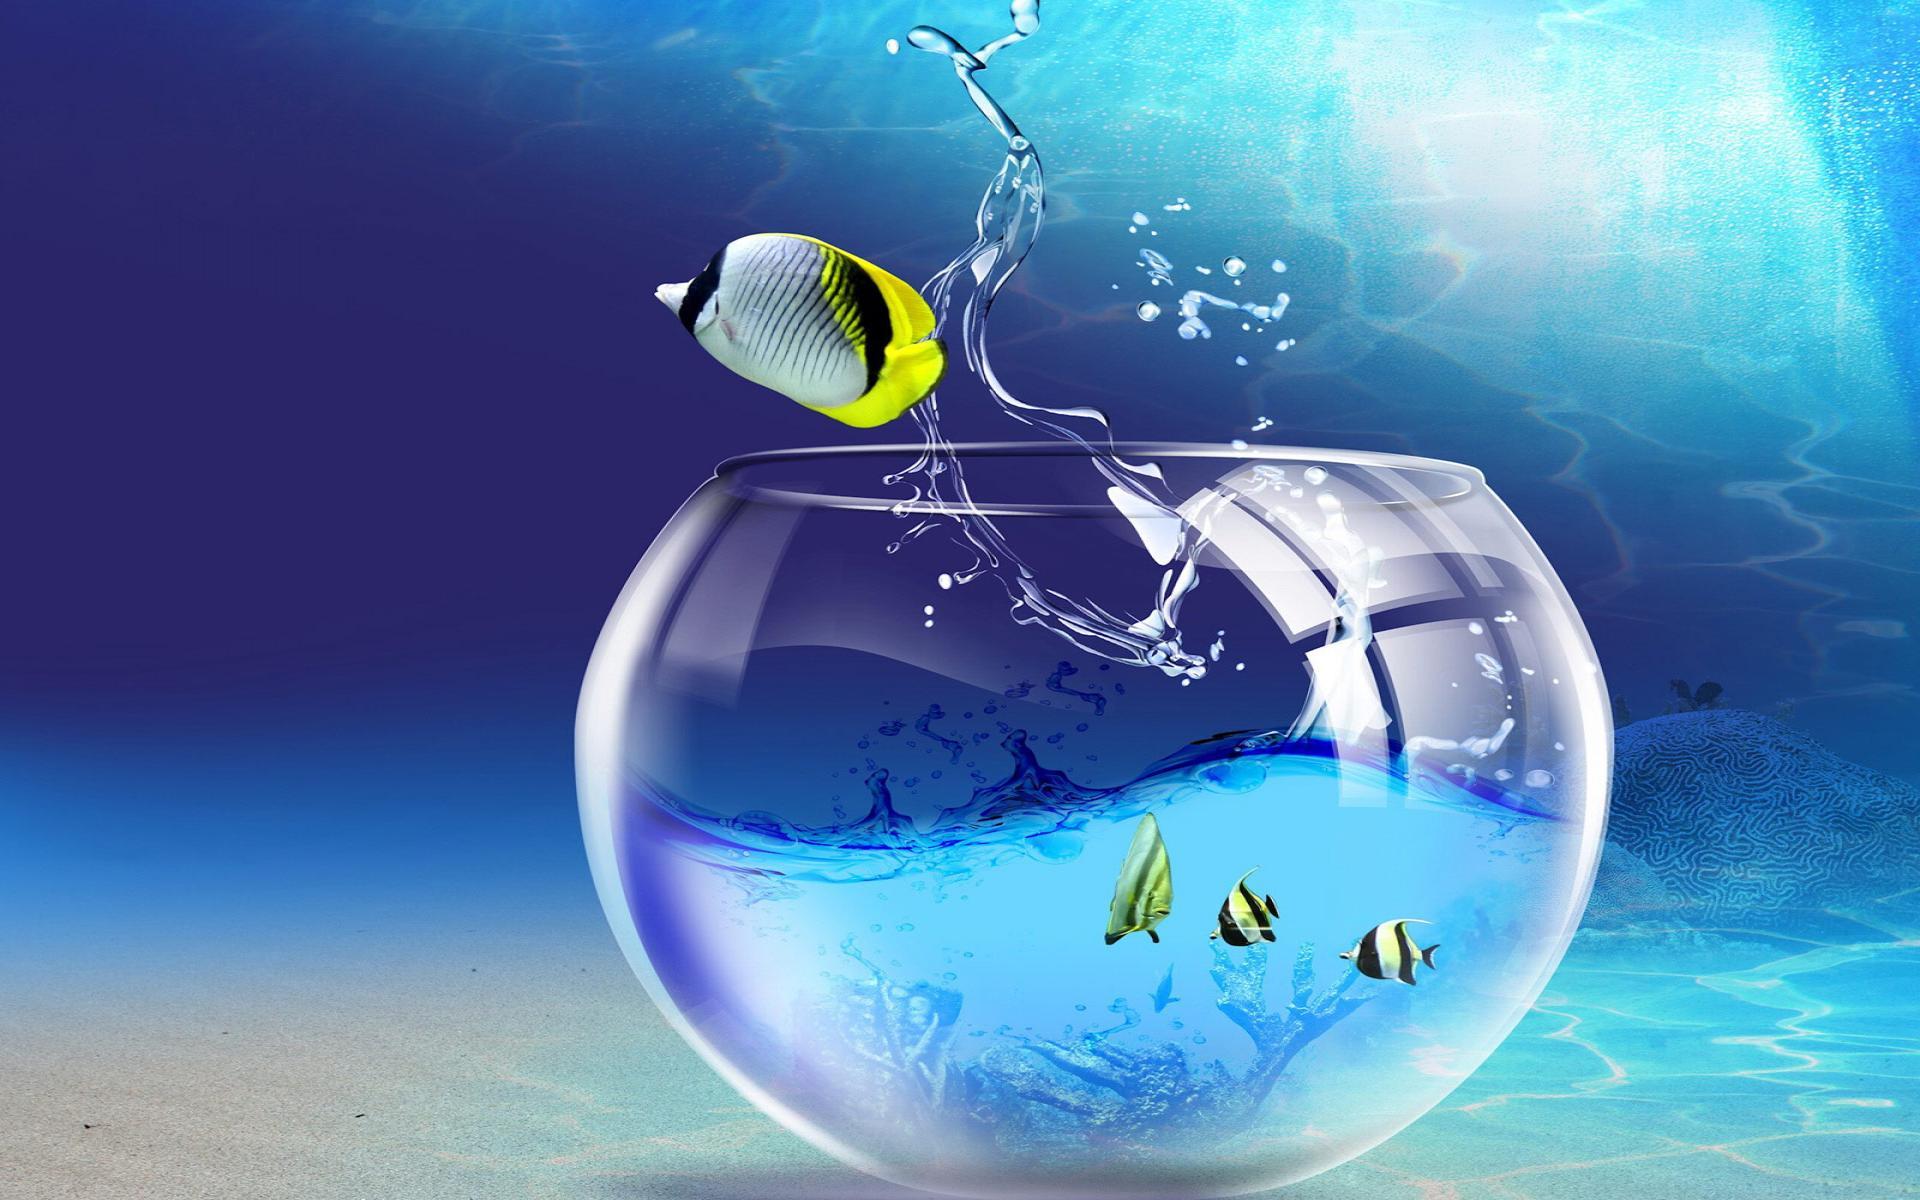 3D Wallpaper Fish Aquarium ImageBankbiz 1920x1200